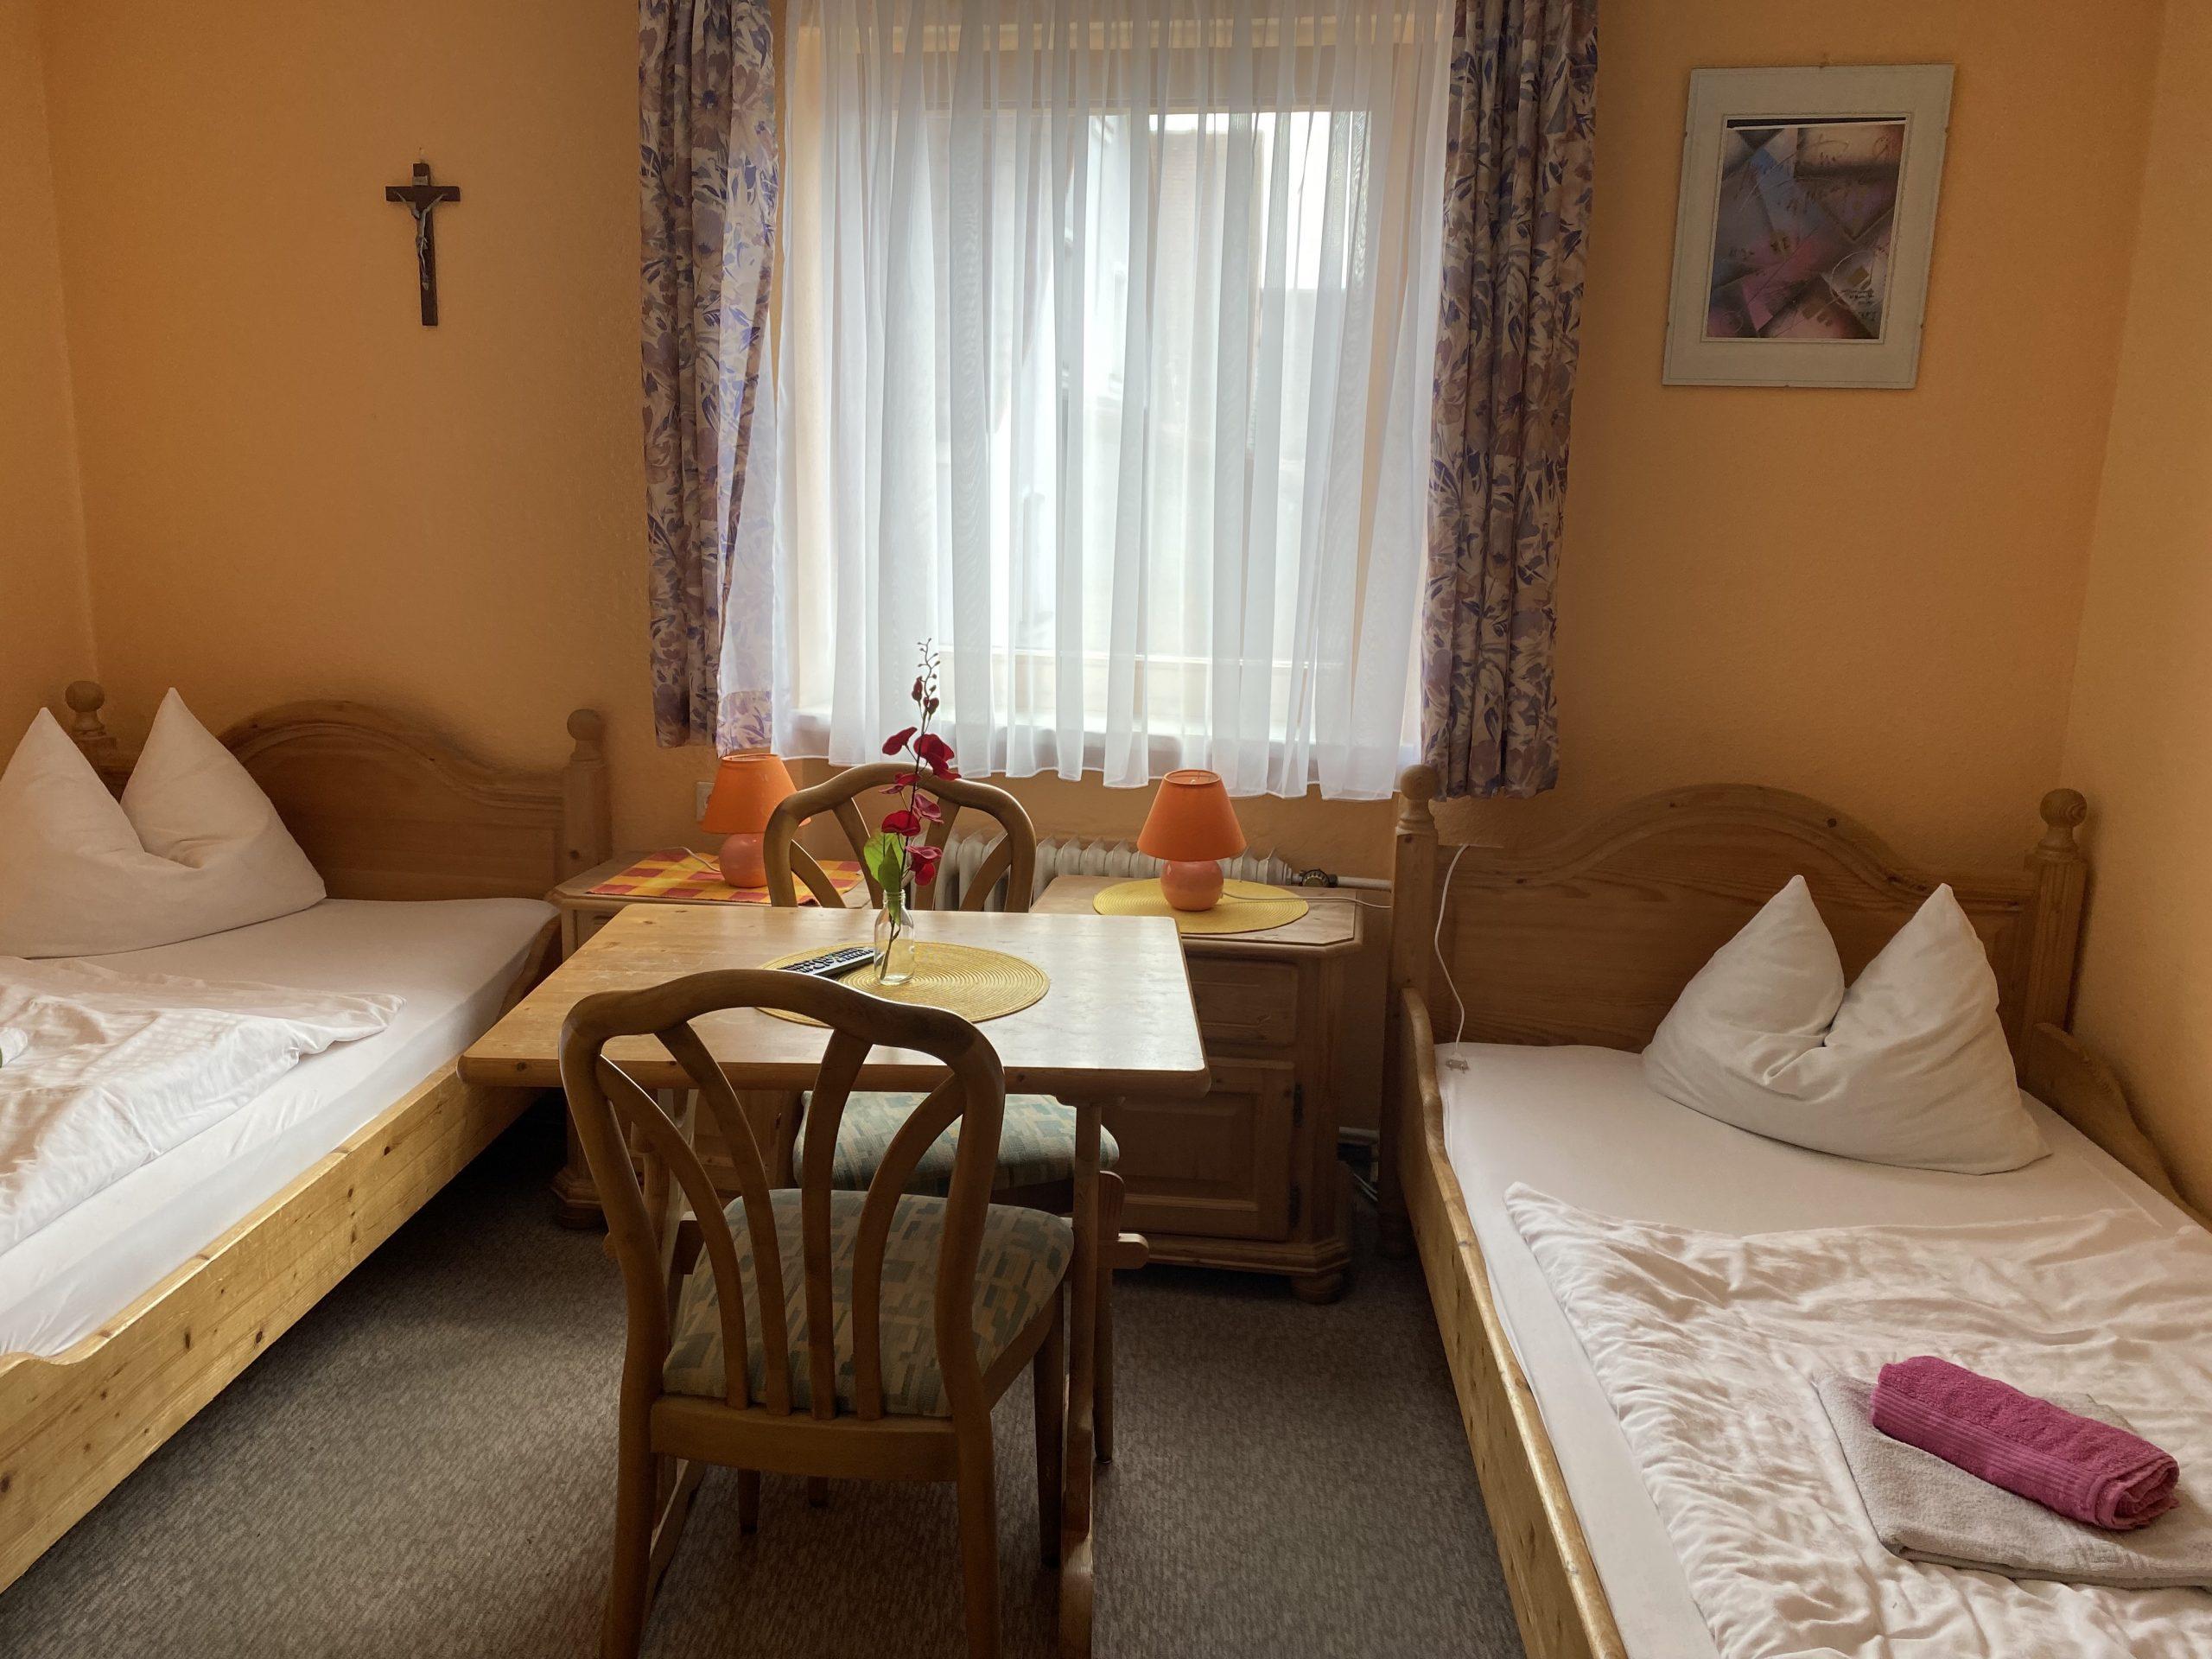 Zweibettzimmer für Saisonkräfte in Pleinfeld